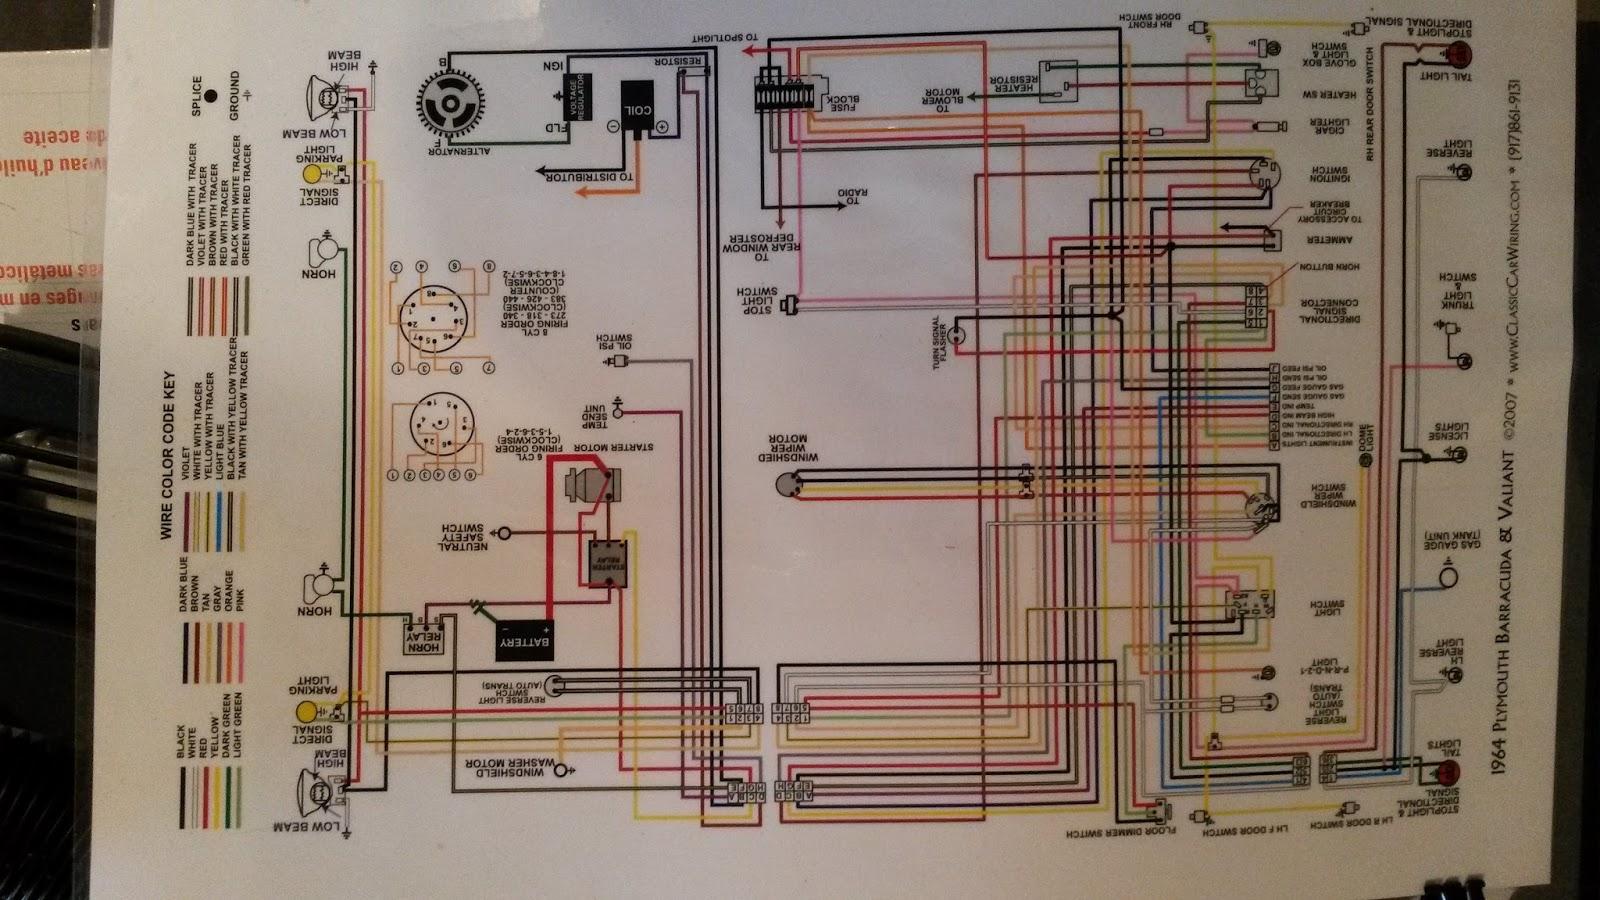 1967 barracuda wiring diagram wiring diagram gpwrg 7489 wiring diagram 1967 belvedere 1967 barracuda wiring [ 1600 x 900 Pixel ]